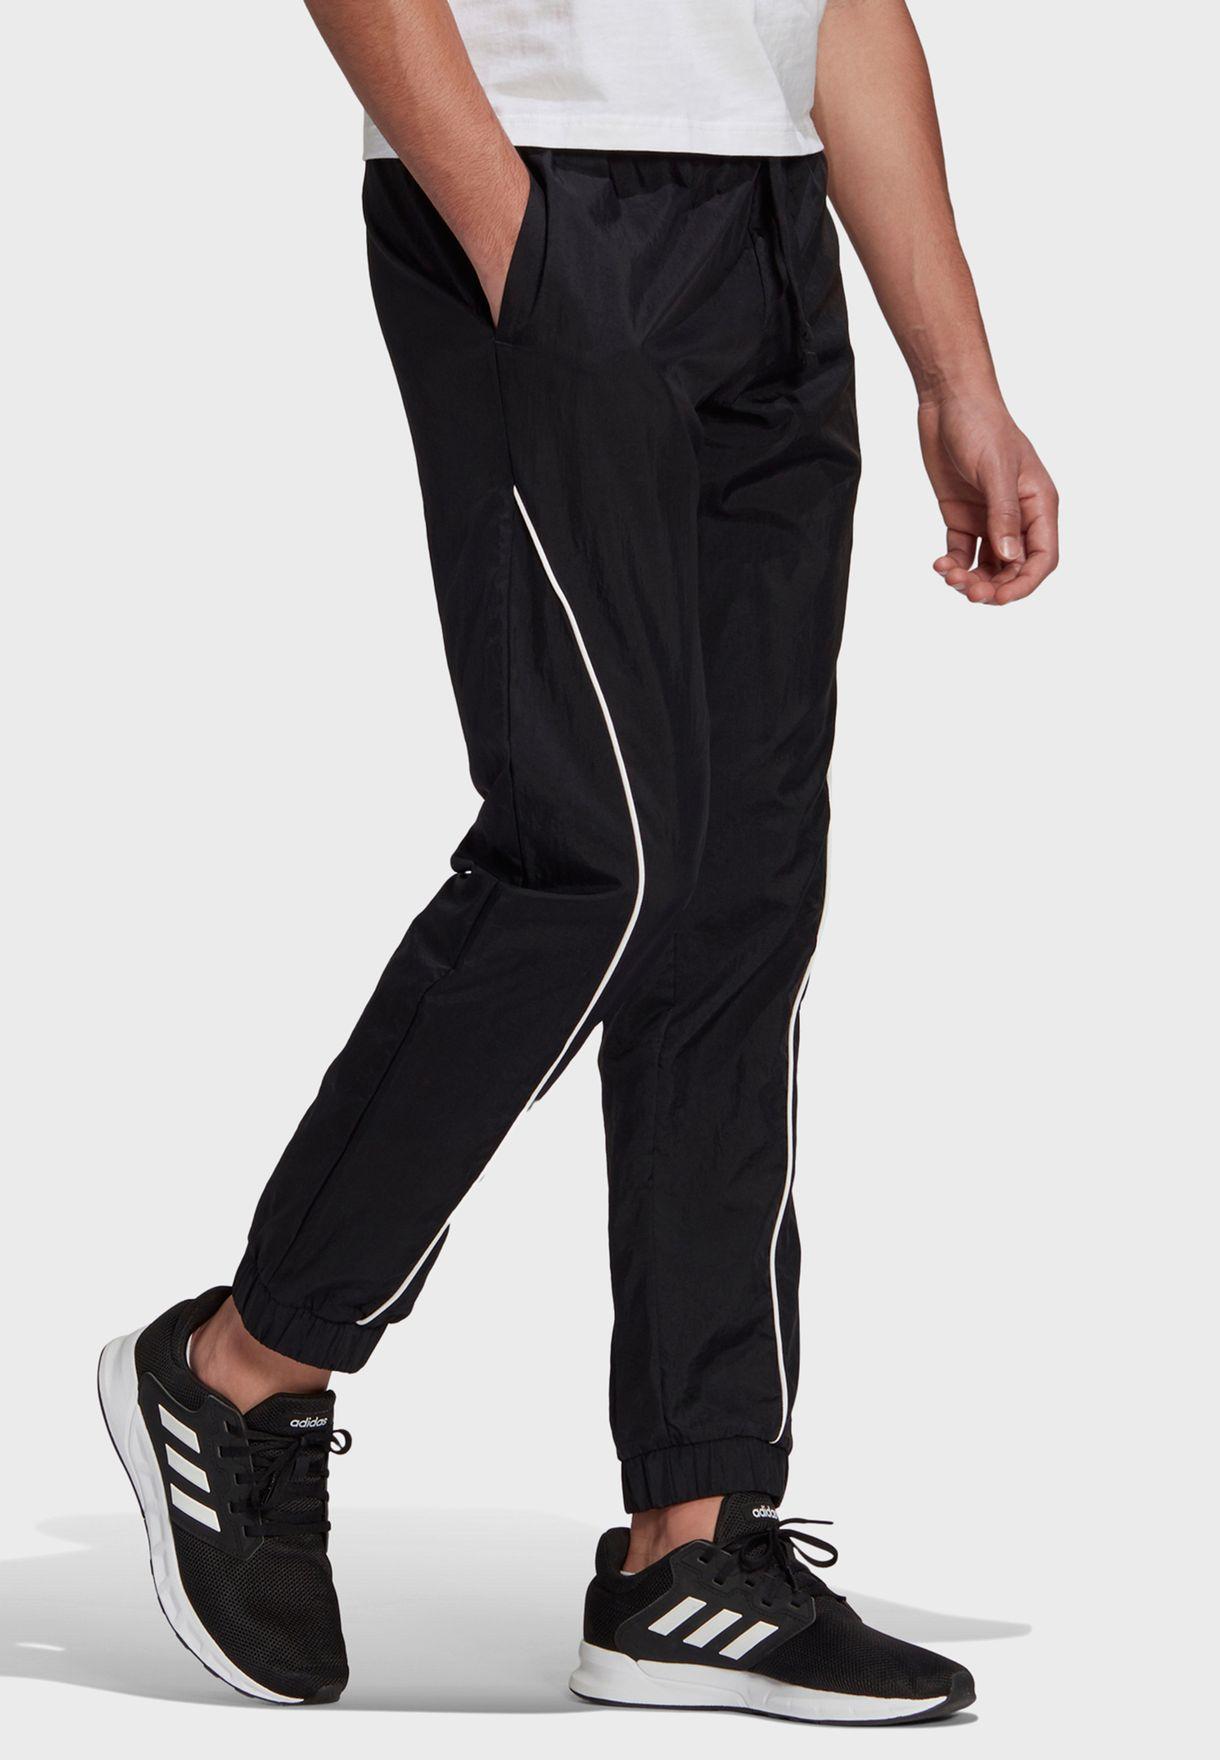 Favorite Sweatpants